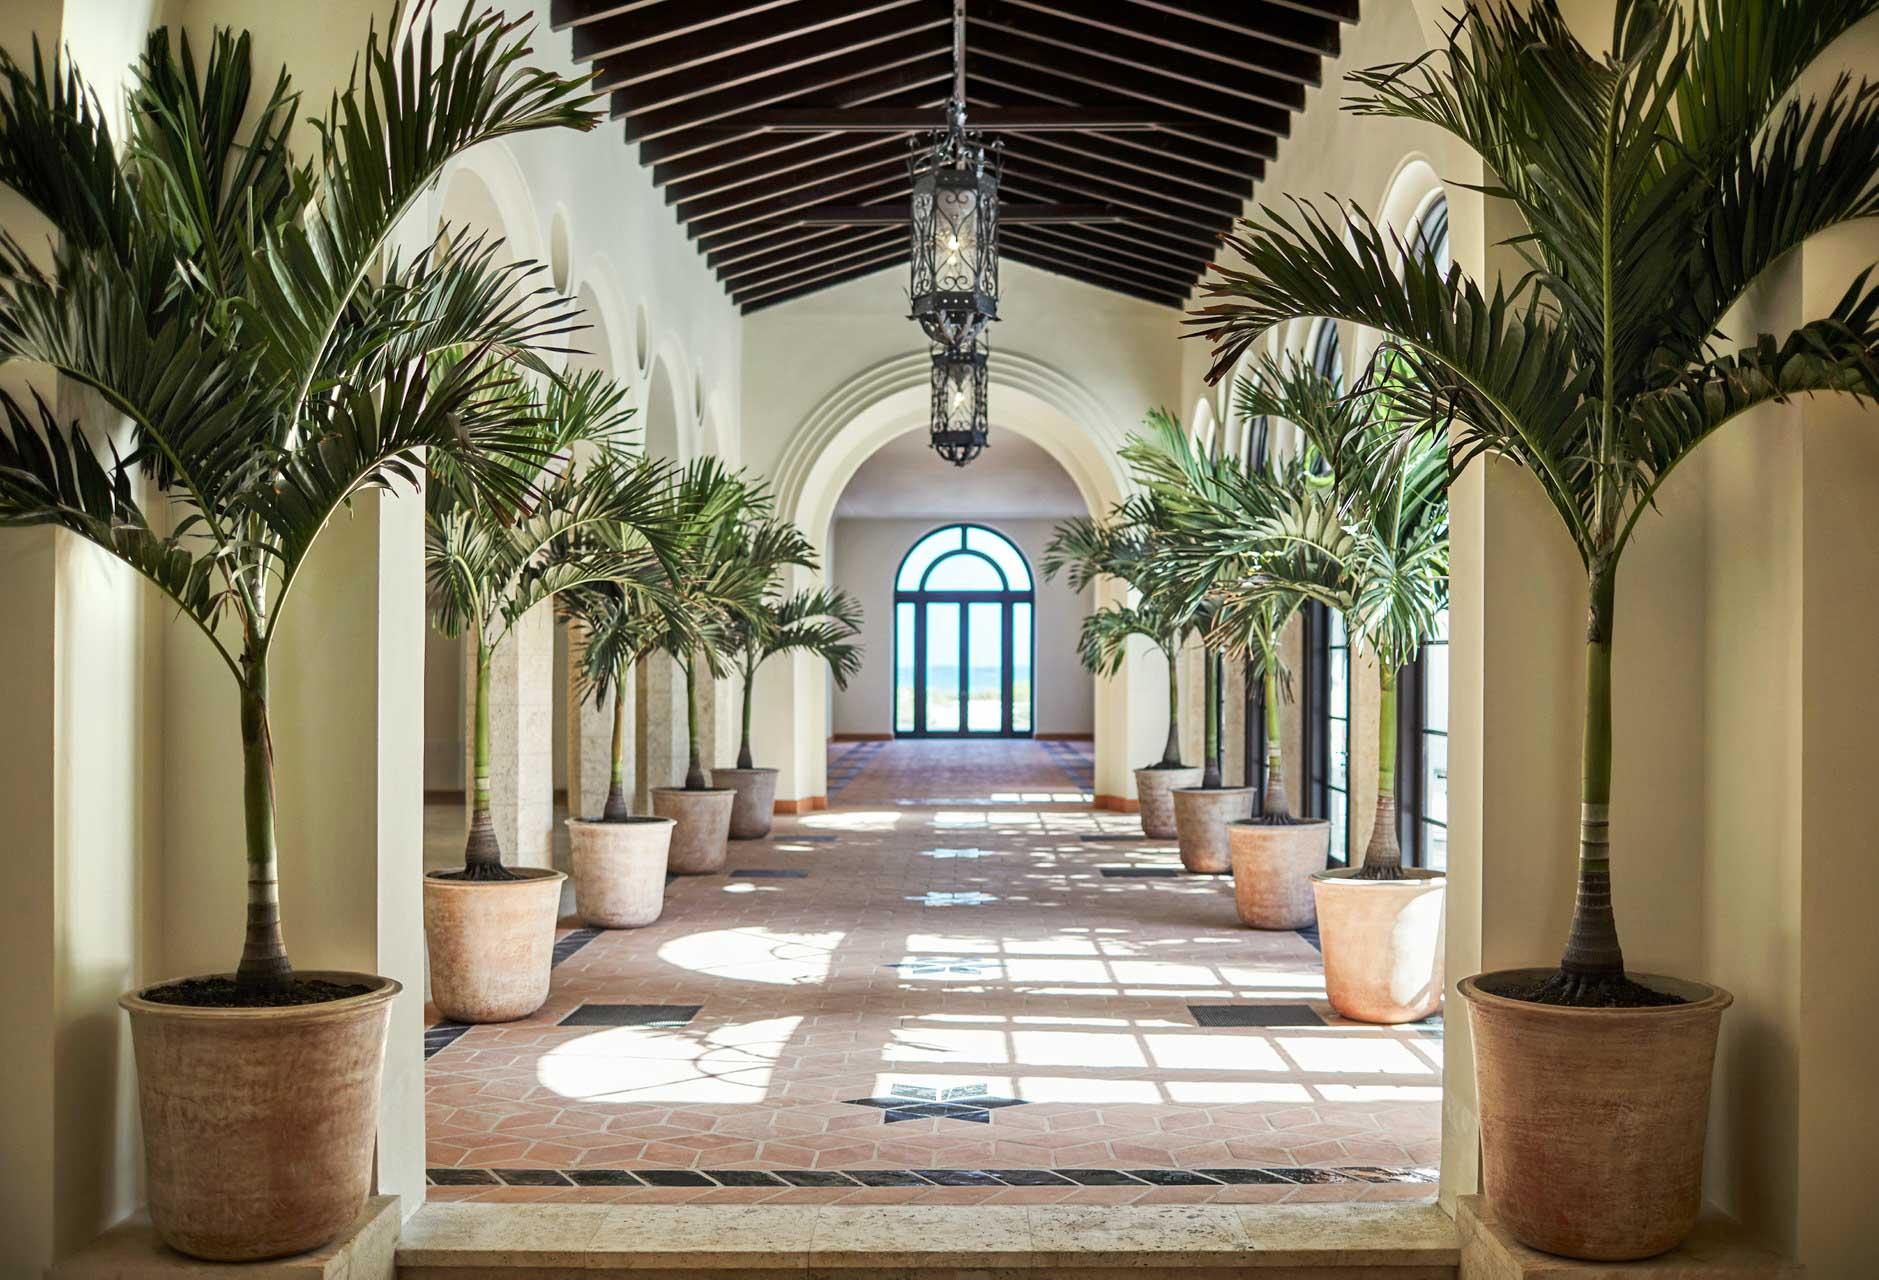 Le bâtiment d'inspiration méditerranéenne des années 1920 et les « cabanas » de bord de mer du Surf Club ont été créés par l'architecte Russell T. Pancoast.